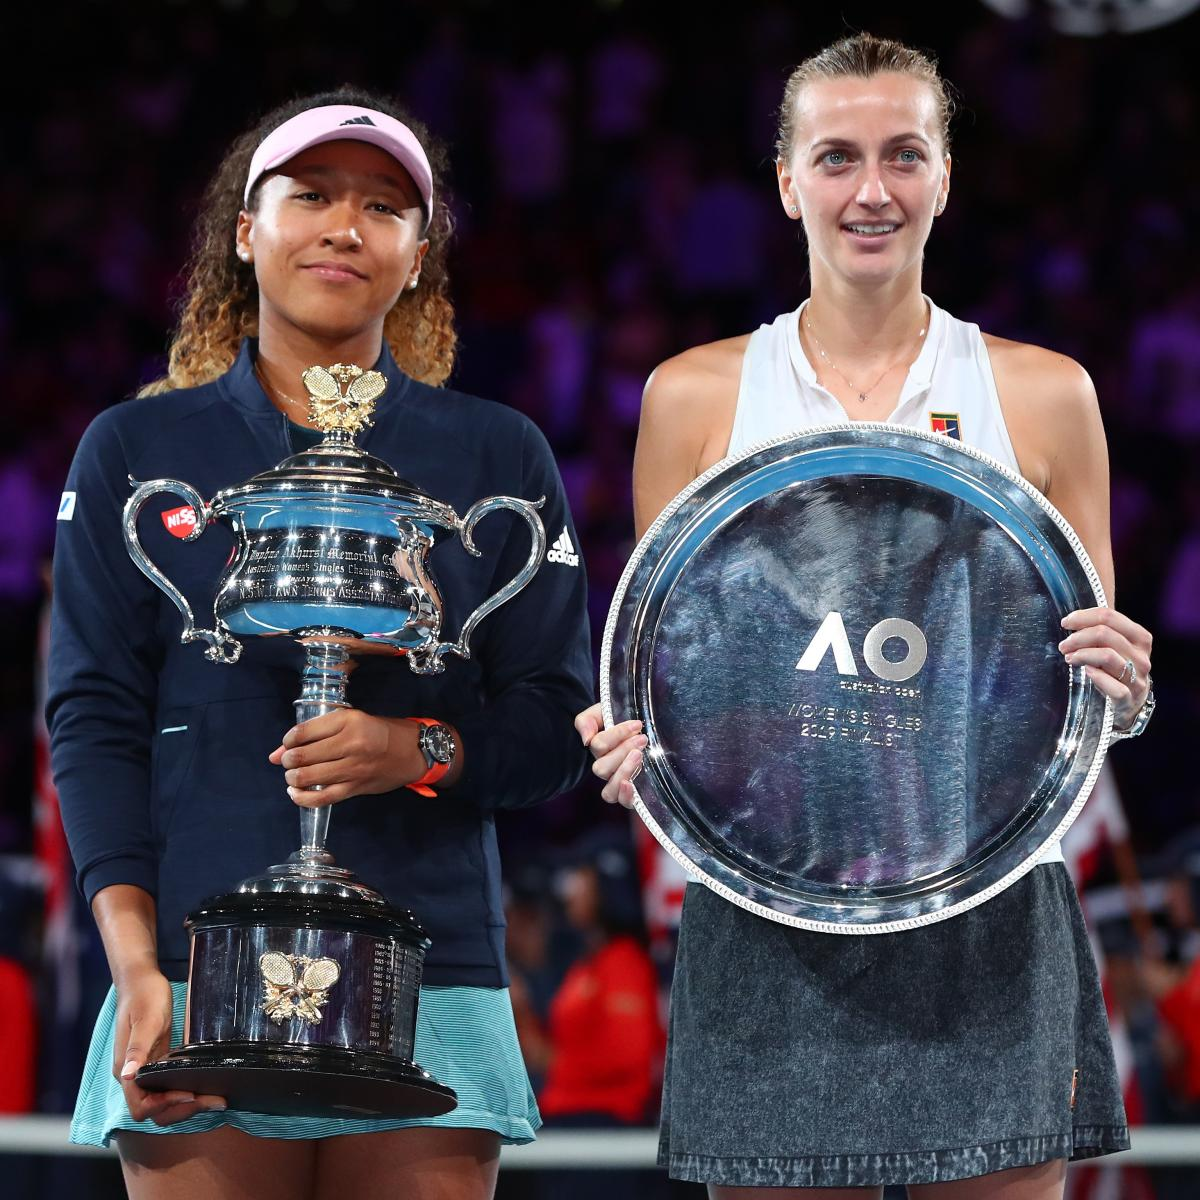 Australian Open 2019 Women's Final: Winner, Score And